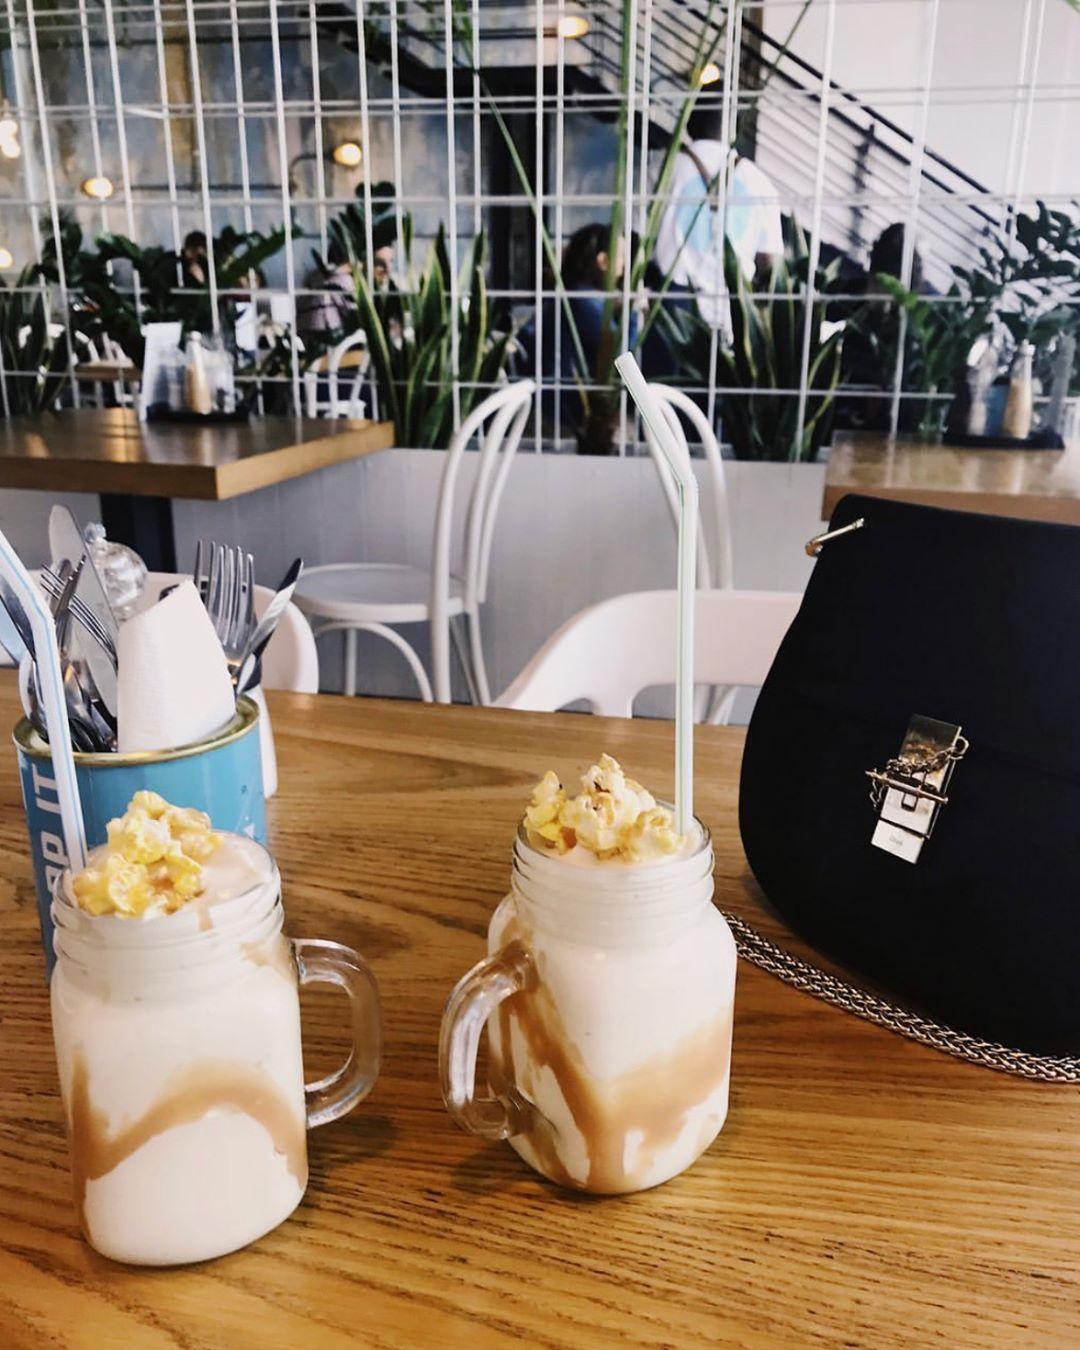 ميلك شاك زبدة الفول السوداني Salted Caramel & Peanut Butter Milkshake